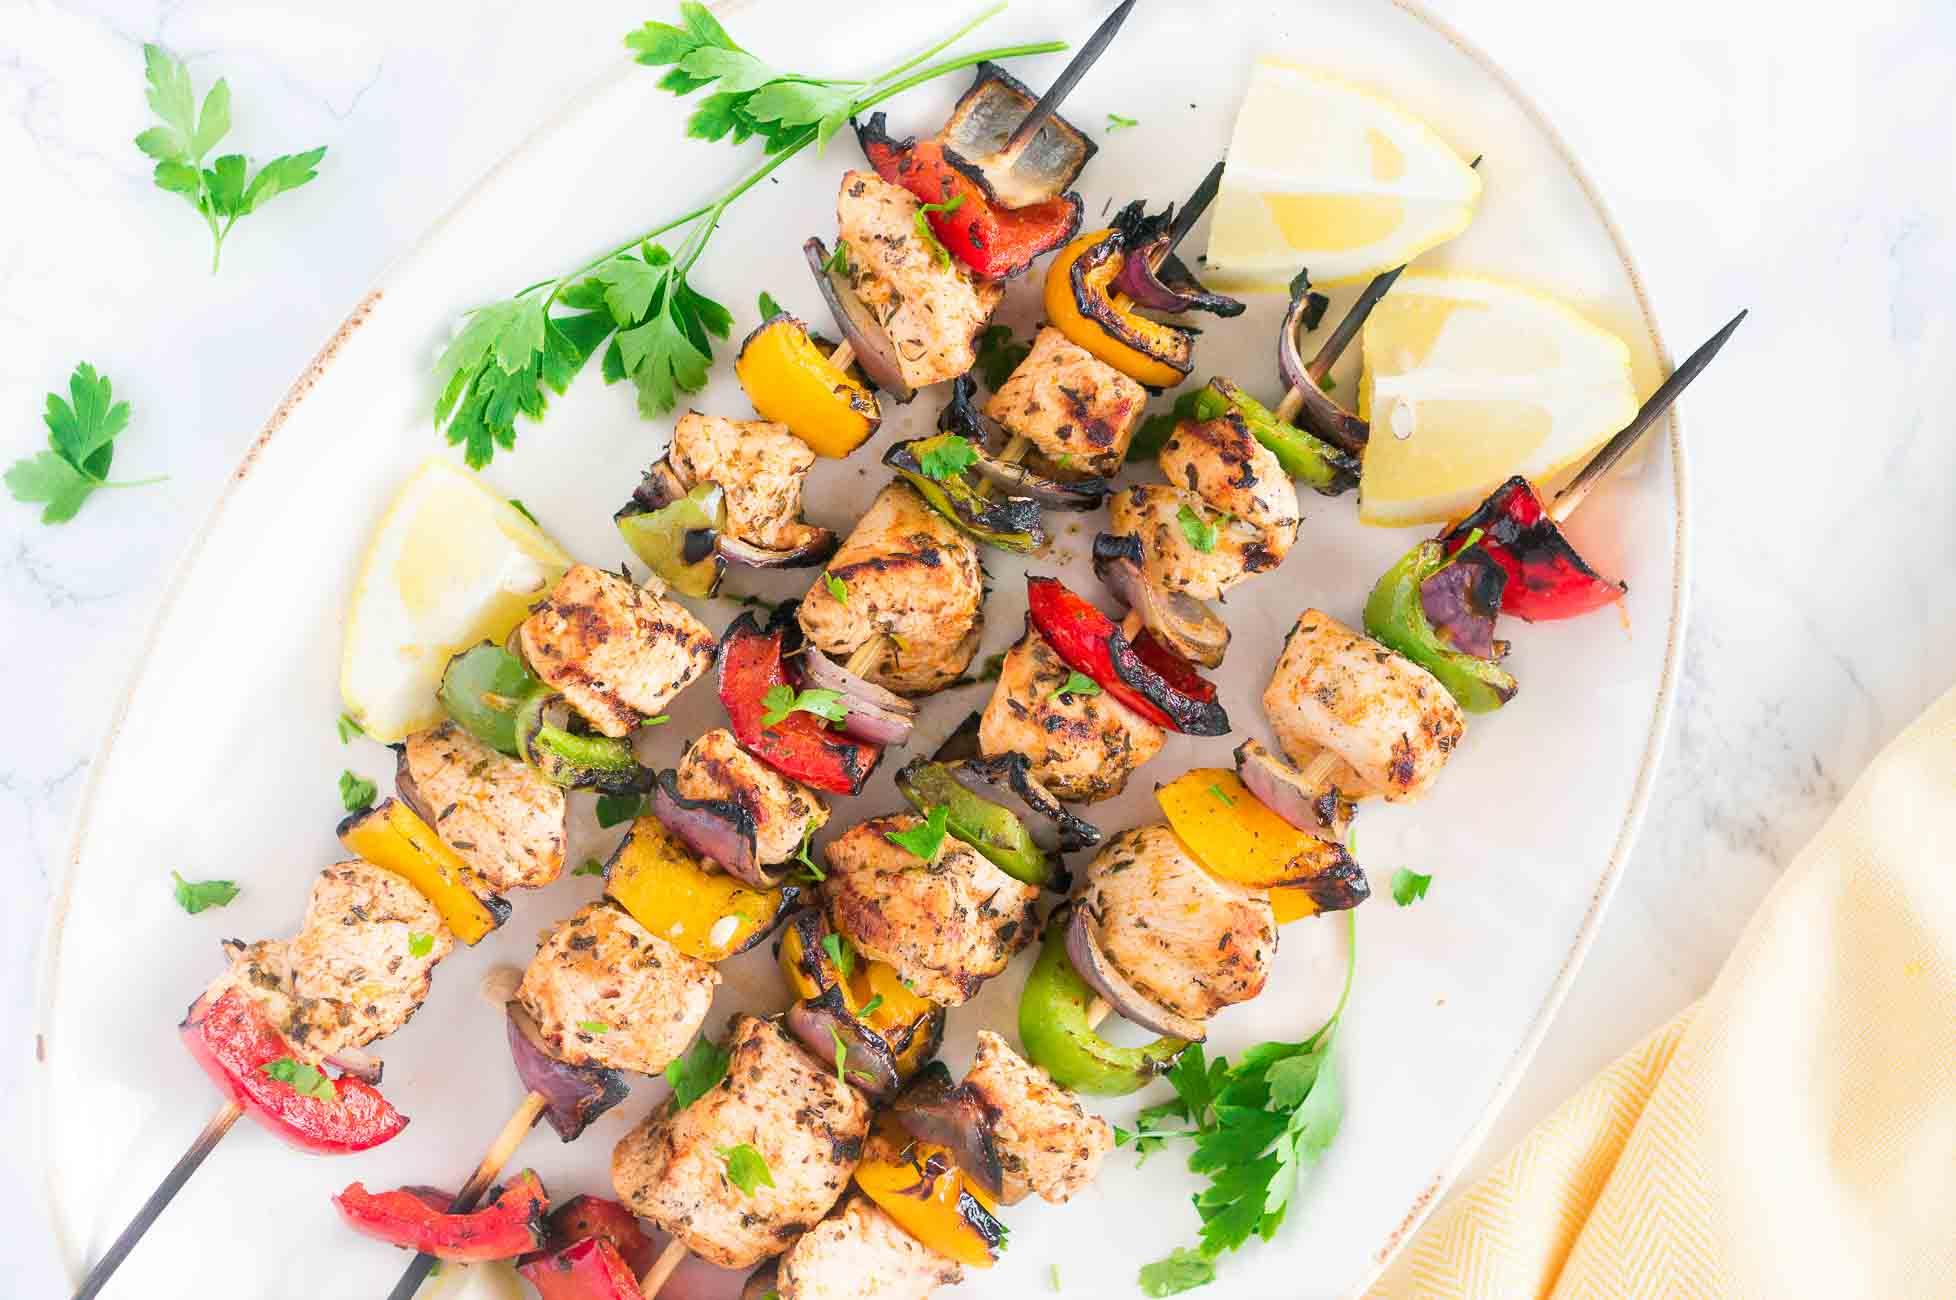 Marinade for chicken kebabs. Marinade recipes 69